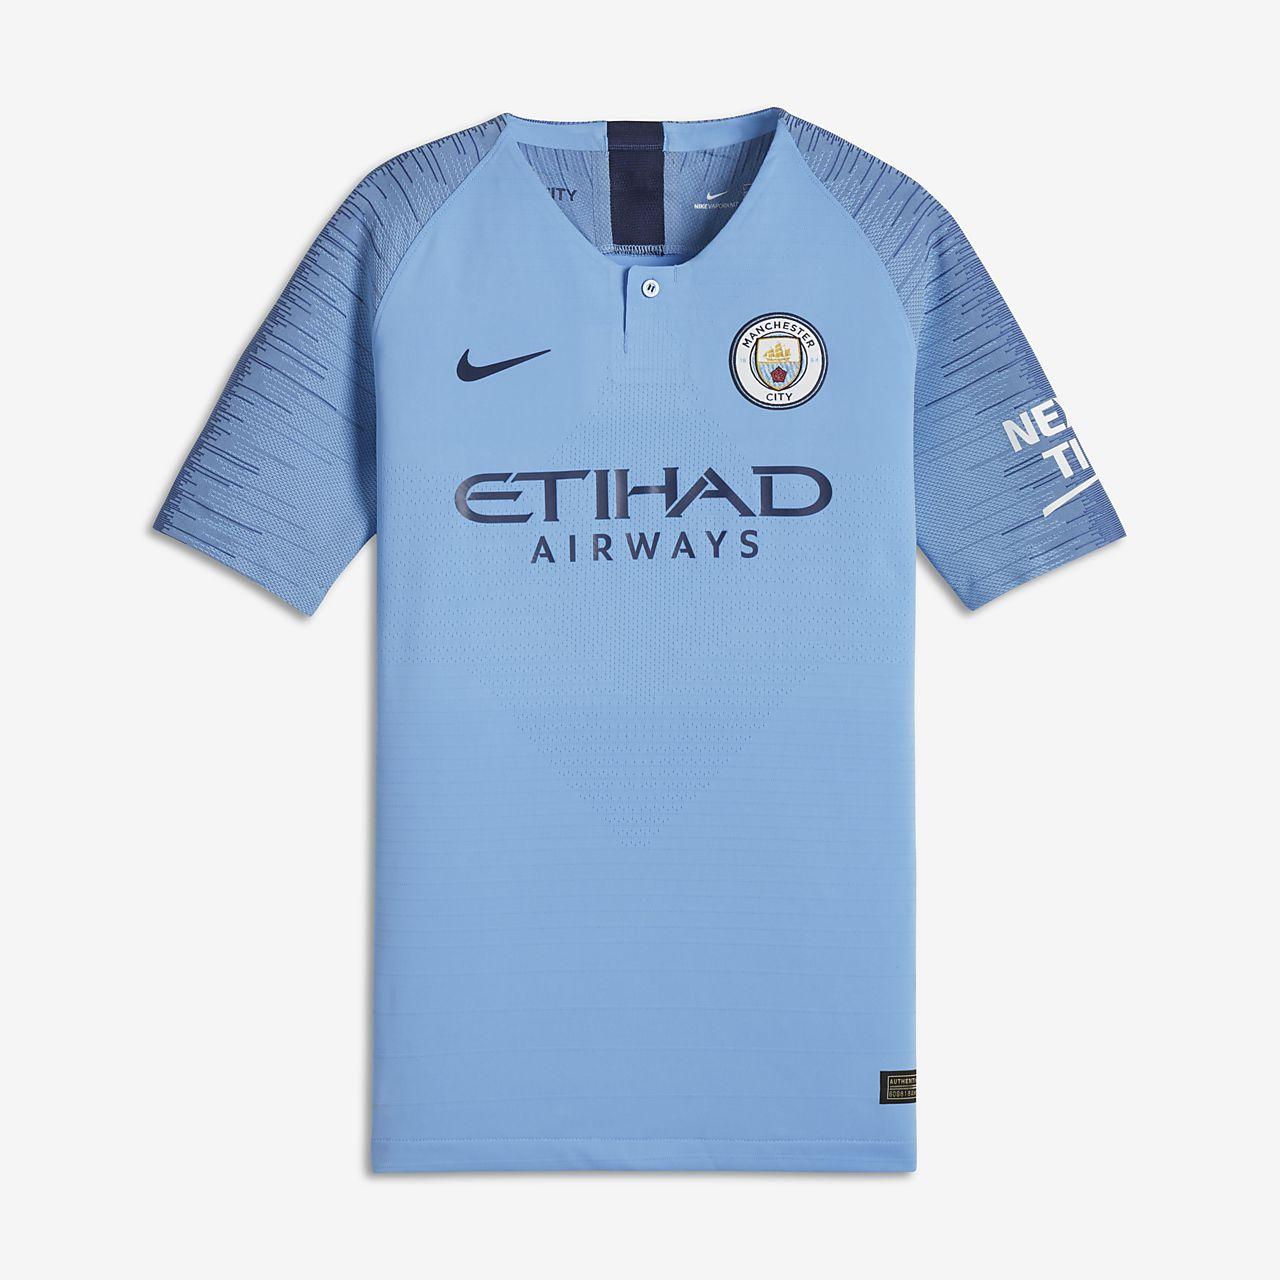 2018/19 Manchester City FC Vapor Match Home-fodboldtrøje til store børn